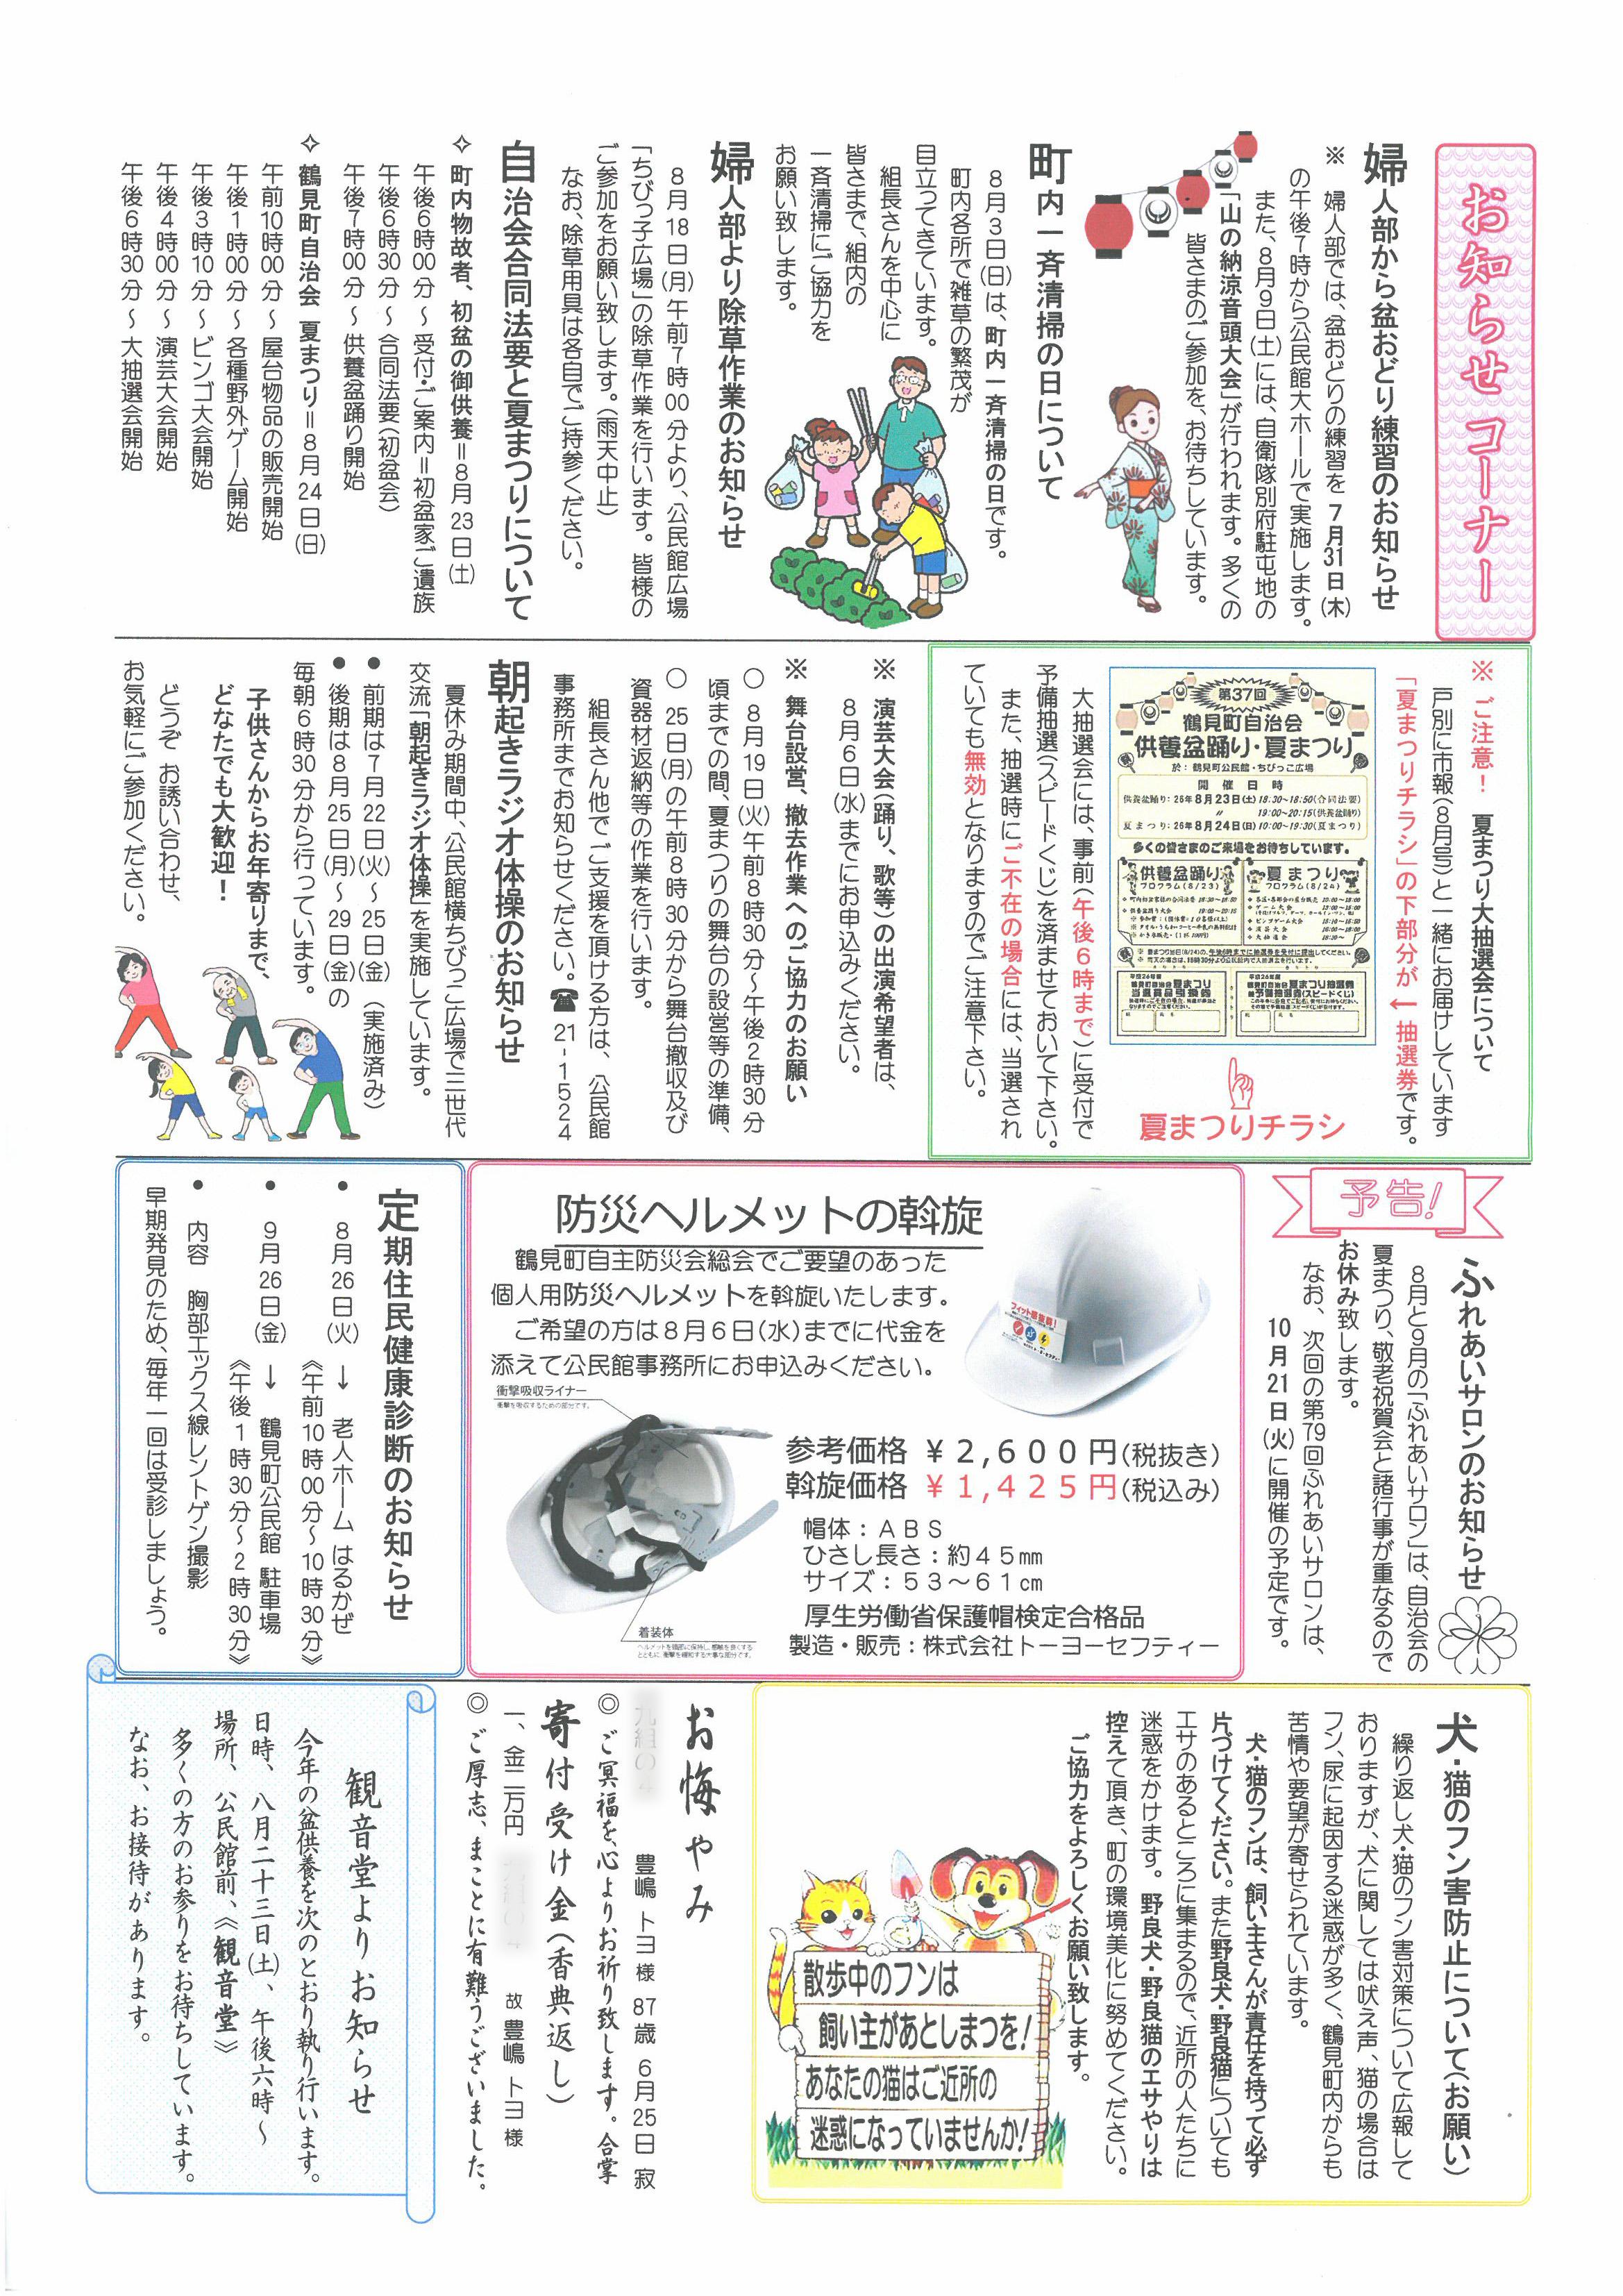 tsurumi2014_08_02